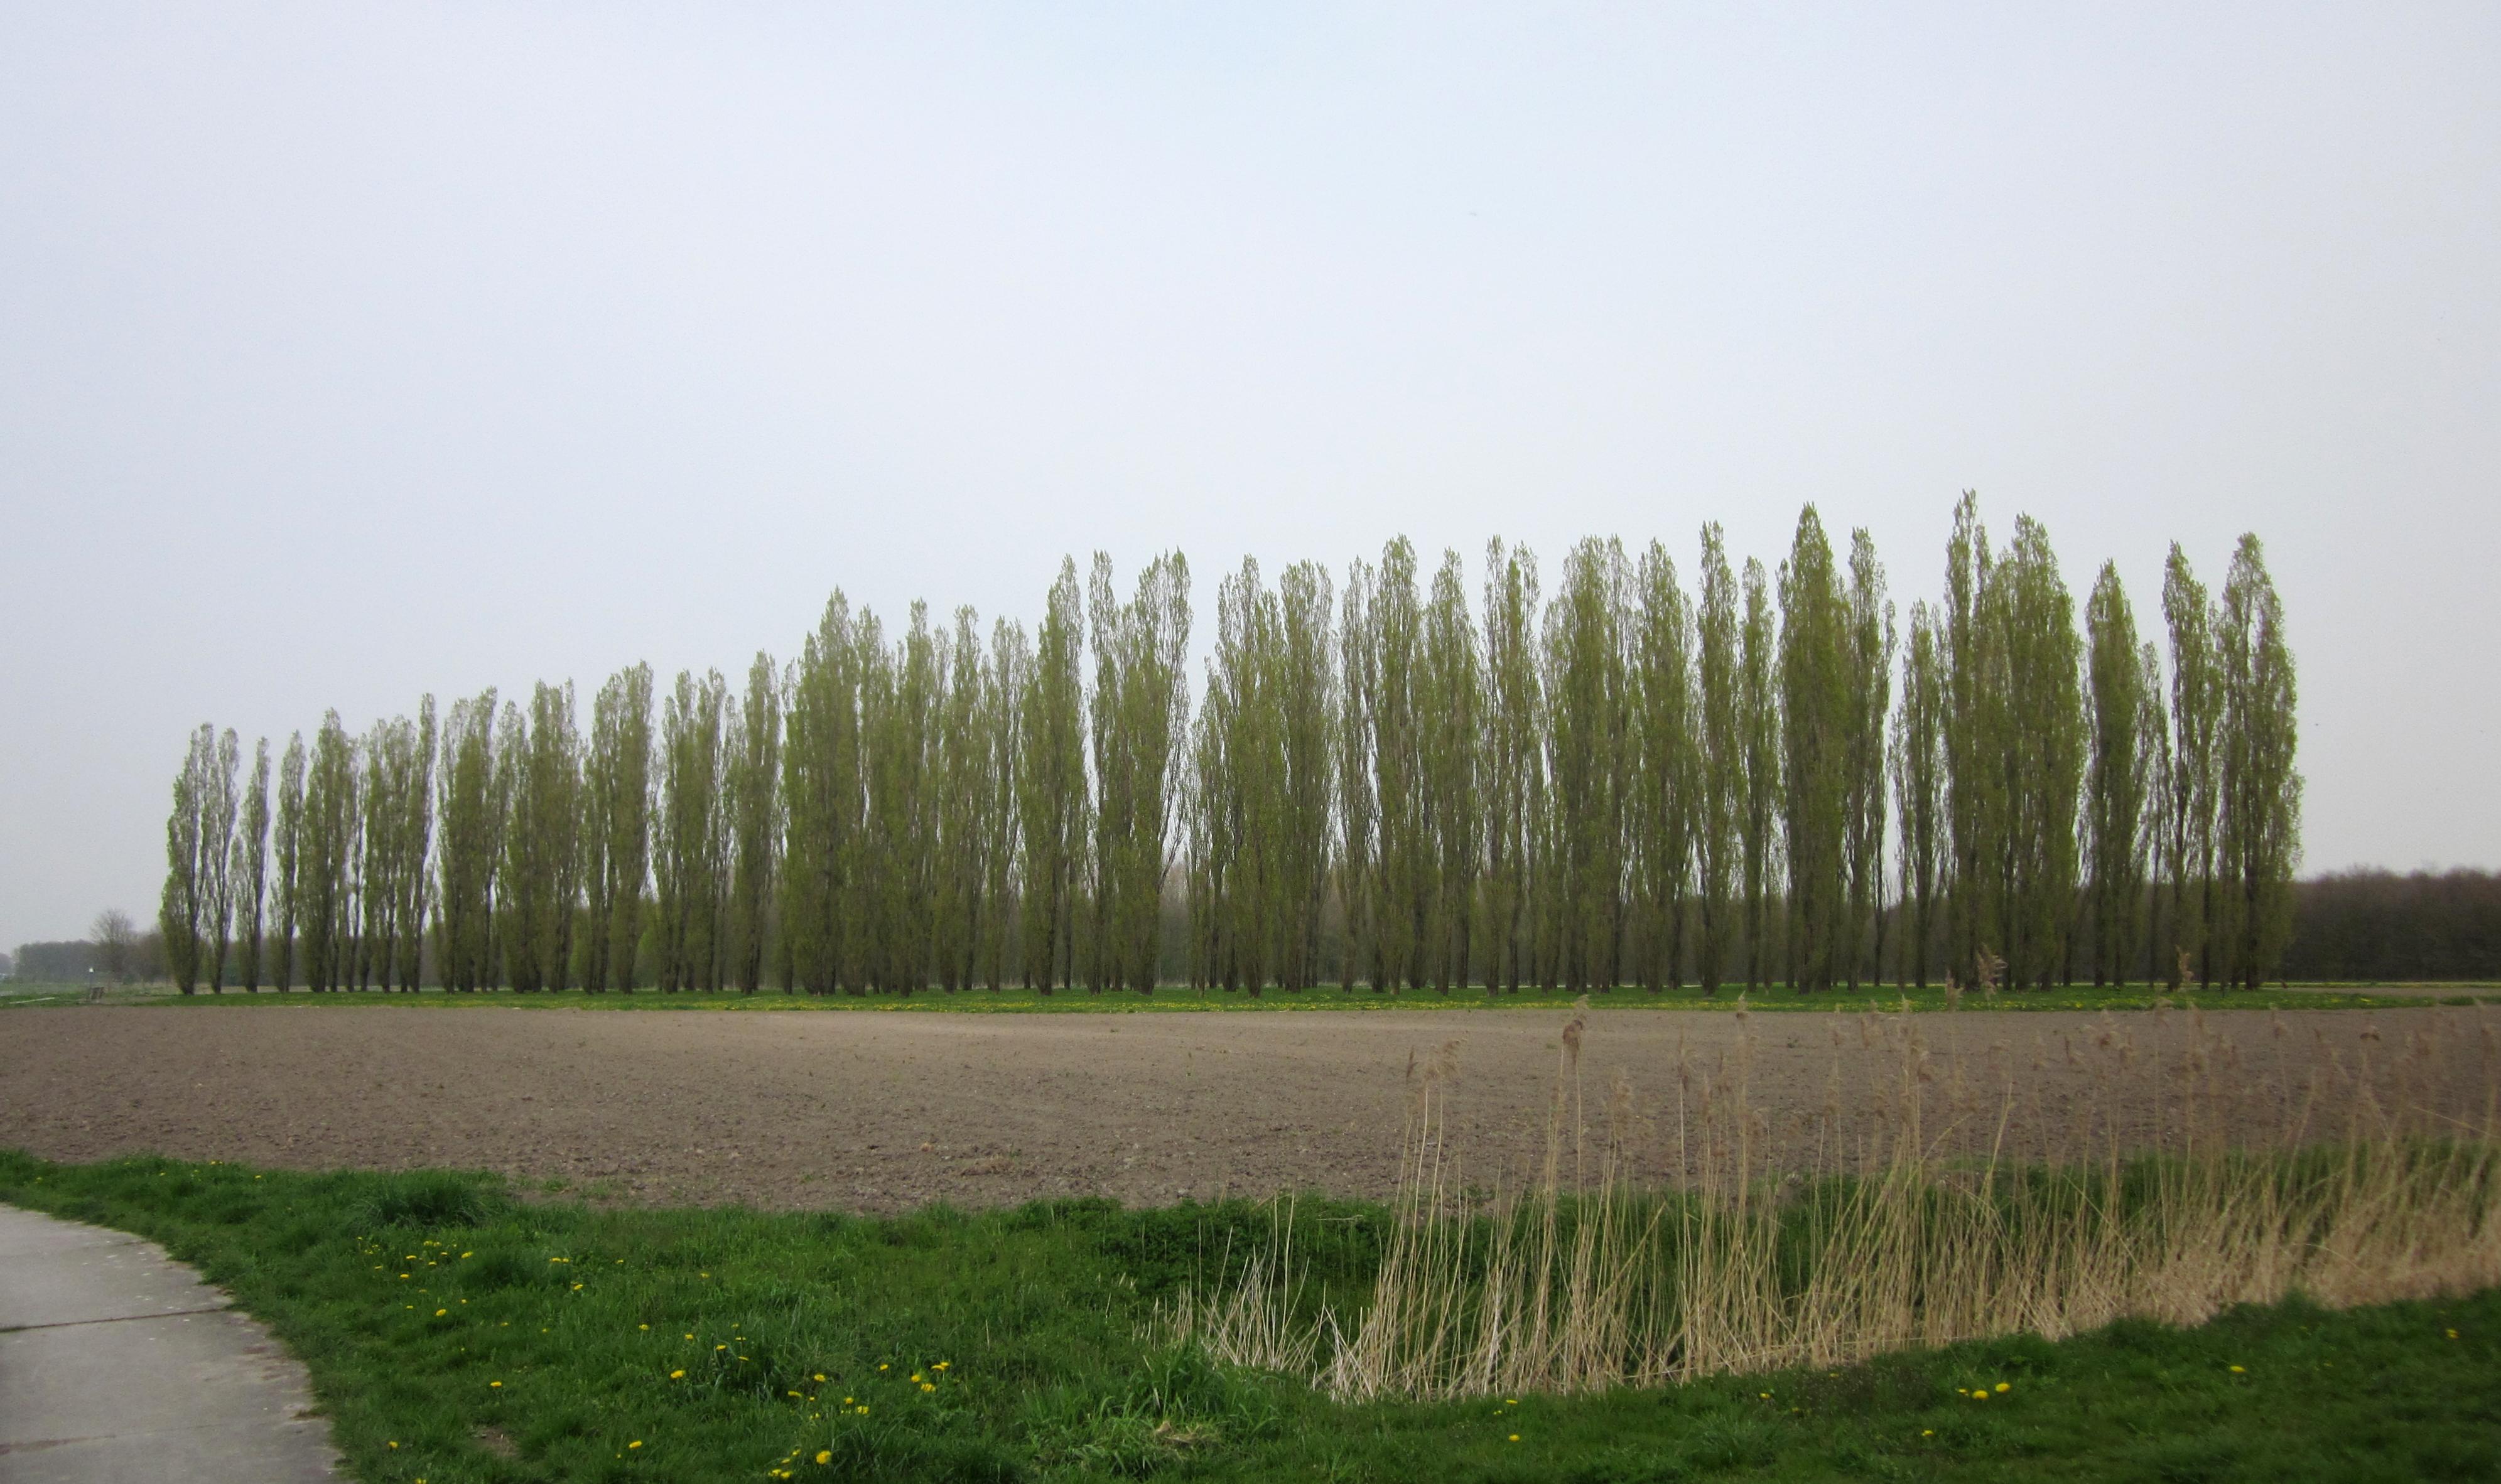 La cattedrale giardino dei paesi bassi - Alberi bassi da giardino ...